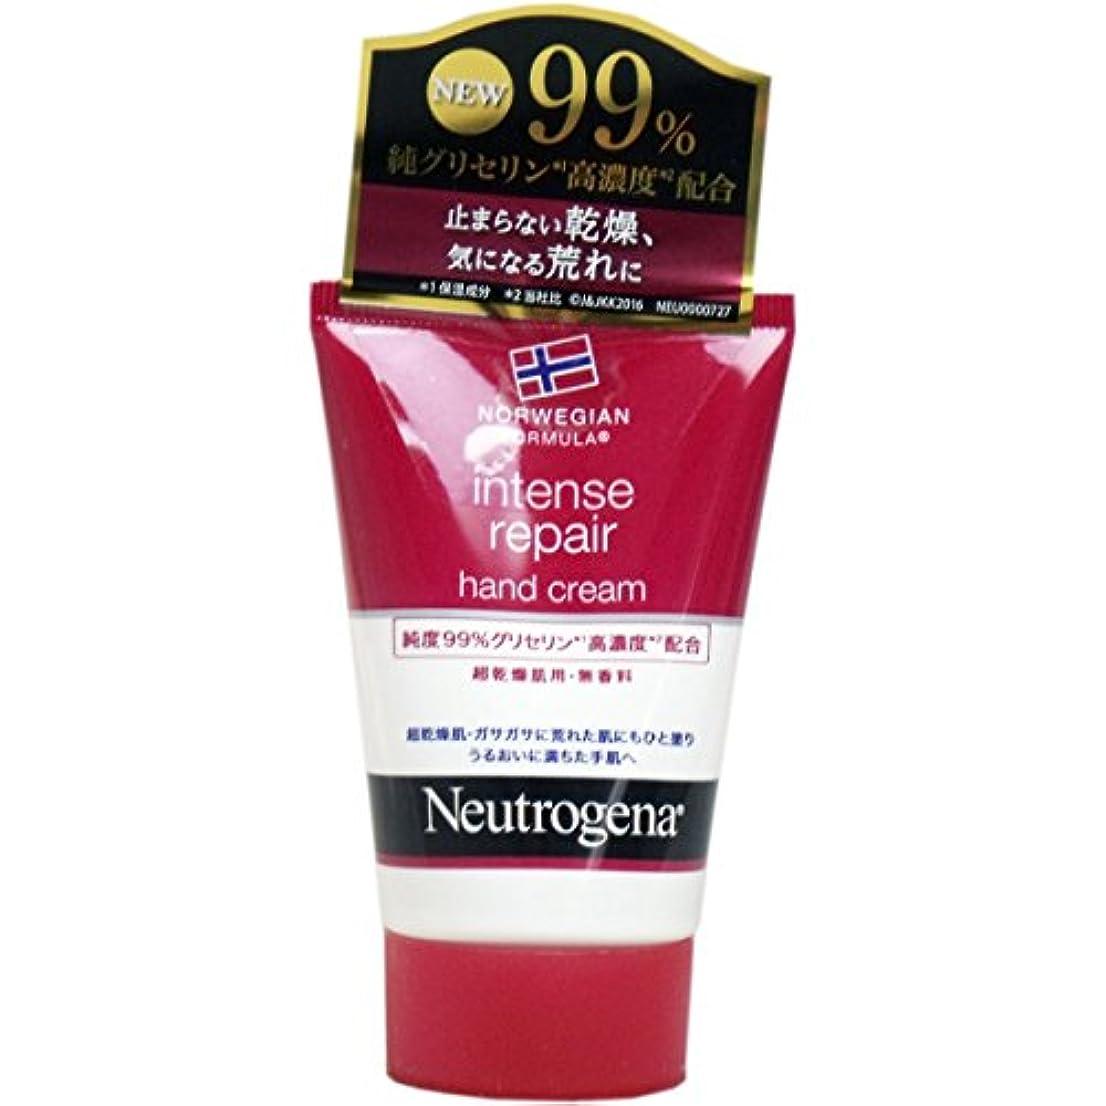 郊外補償合意【セット品】Neutrogena(ニュートロジーナ) ノルウェーフォーミュラ インテンスリペア ハンドクリーム 超乾燥肌用 無香料 50g×6個